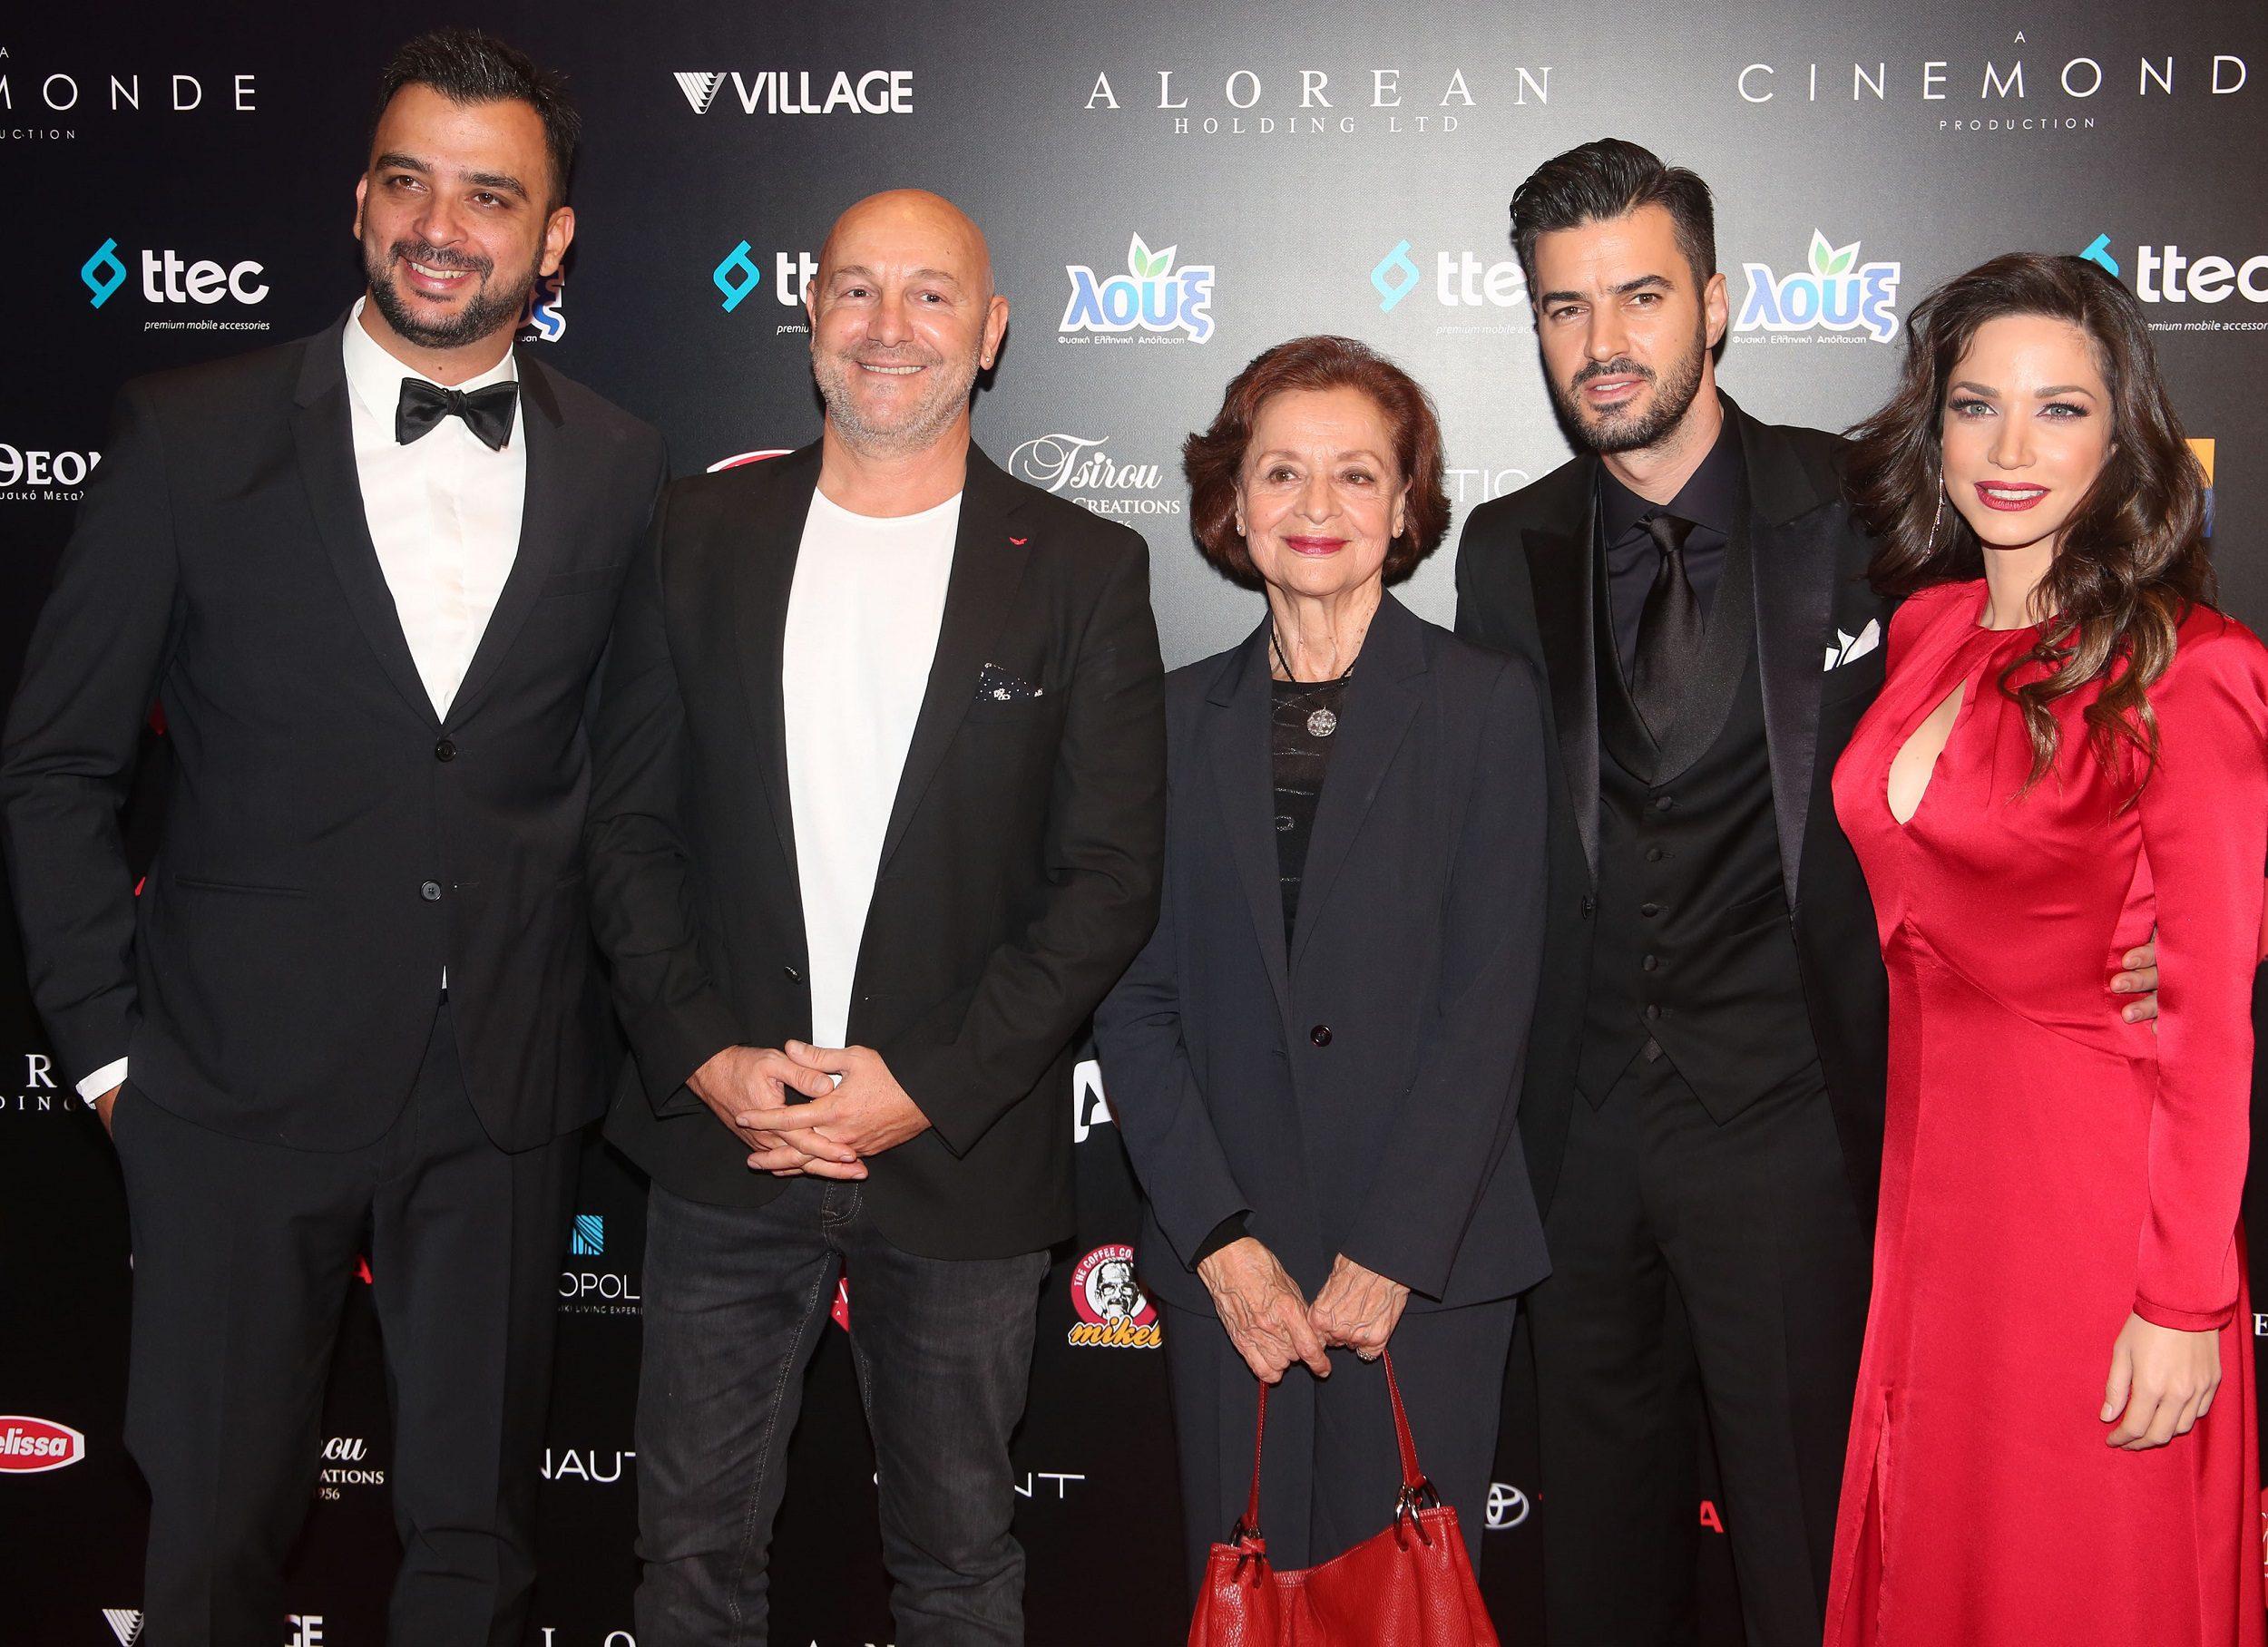 Όλγα Δαμάνη: Οι σειρές στην τηλεόραση, ο ρόλος της γιαγιάς στον Σασμό και πως ήταν νέα!